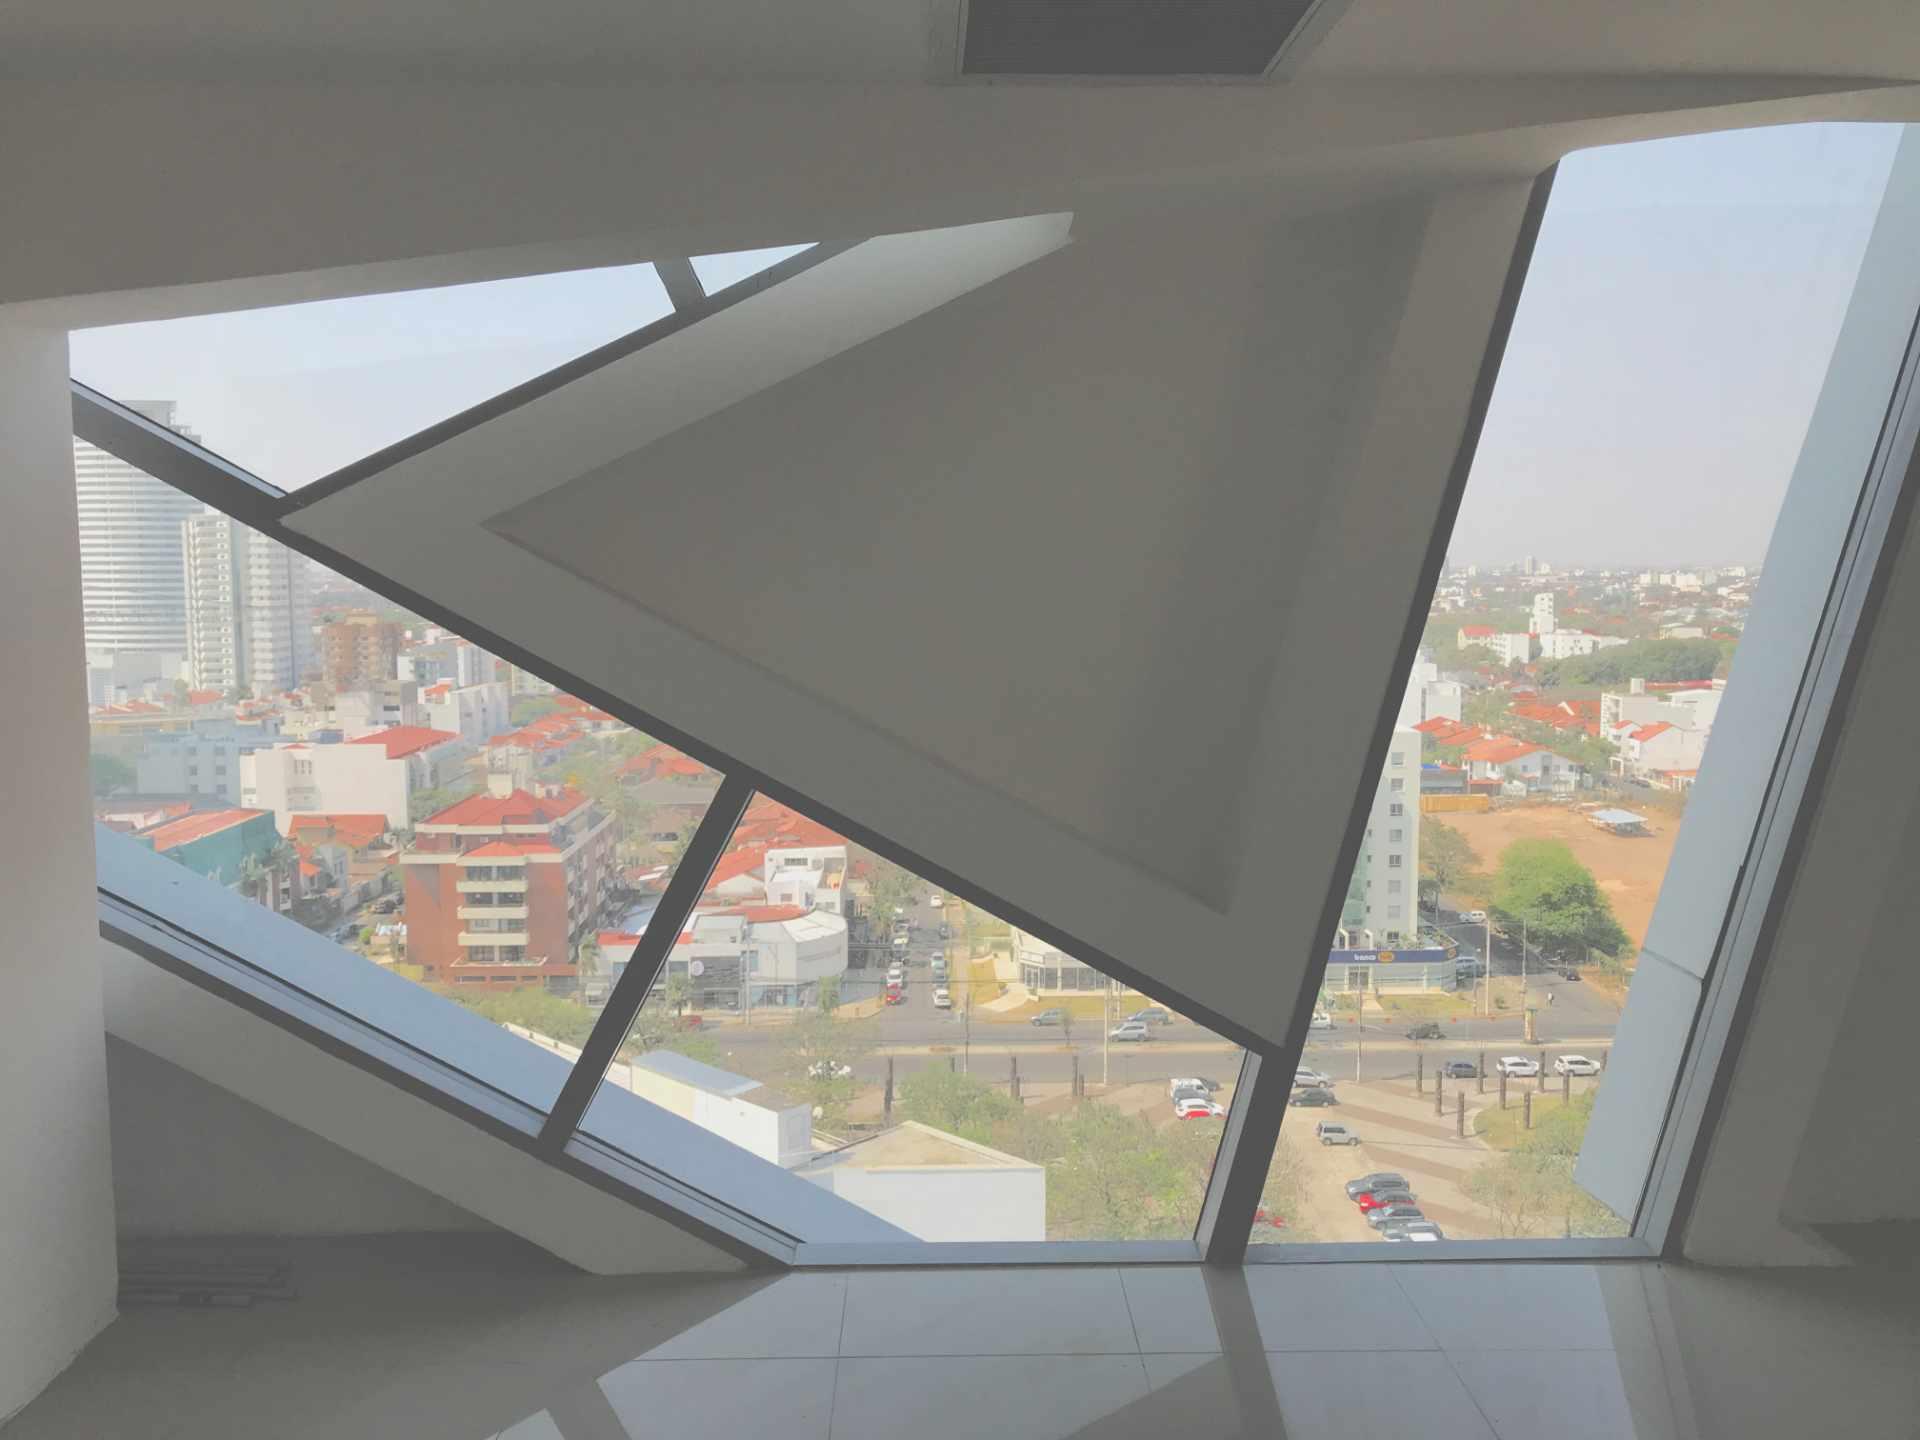 Oficina en Venta Torre de Negocios ALAS. Equipetrol Norte zona Empresarial, Av. San Martín entre 3er y 4to anillo.  Foto 13